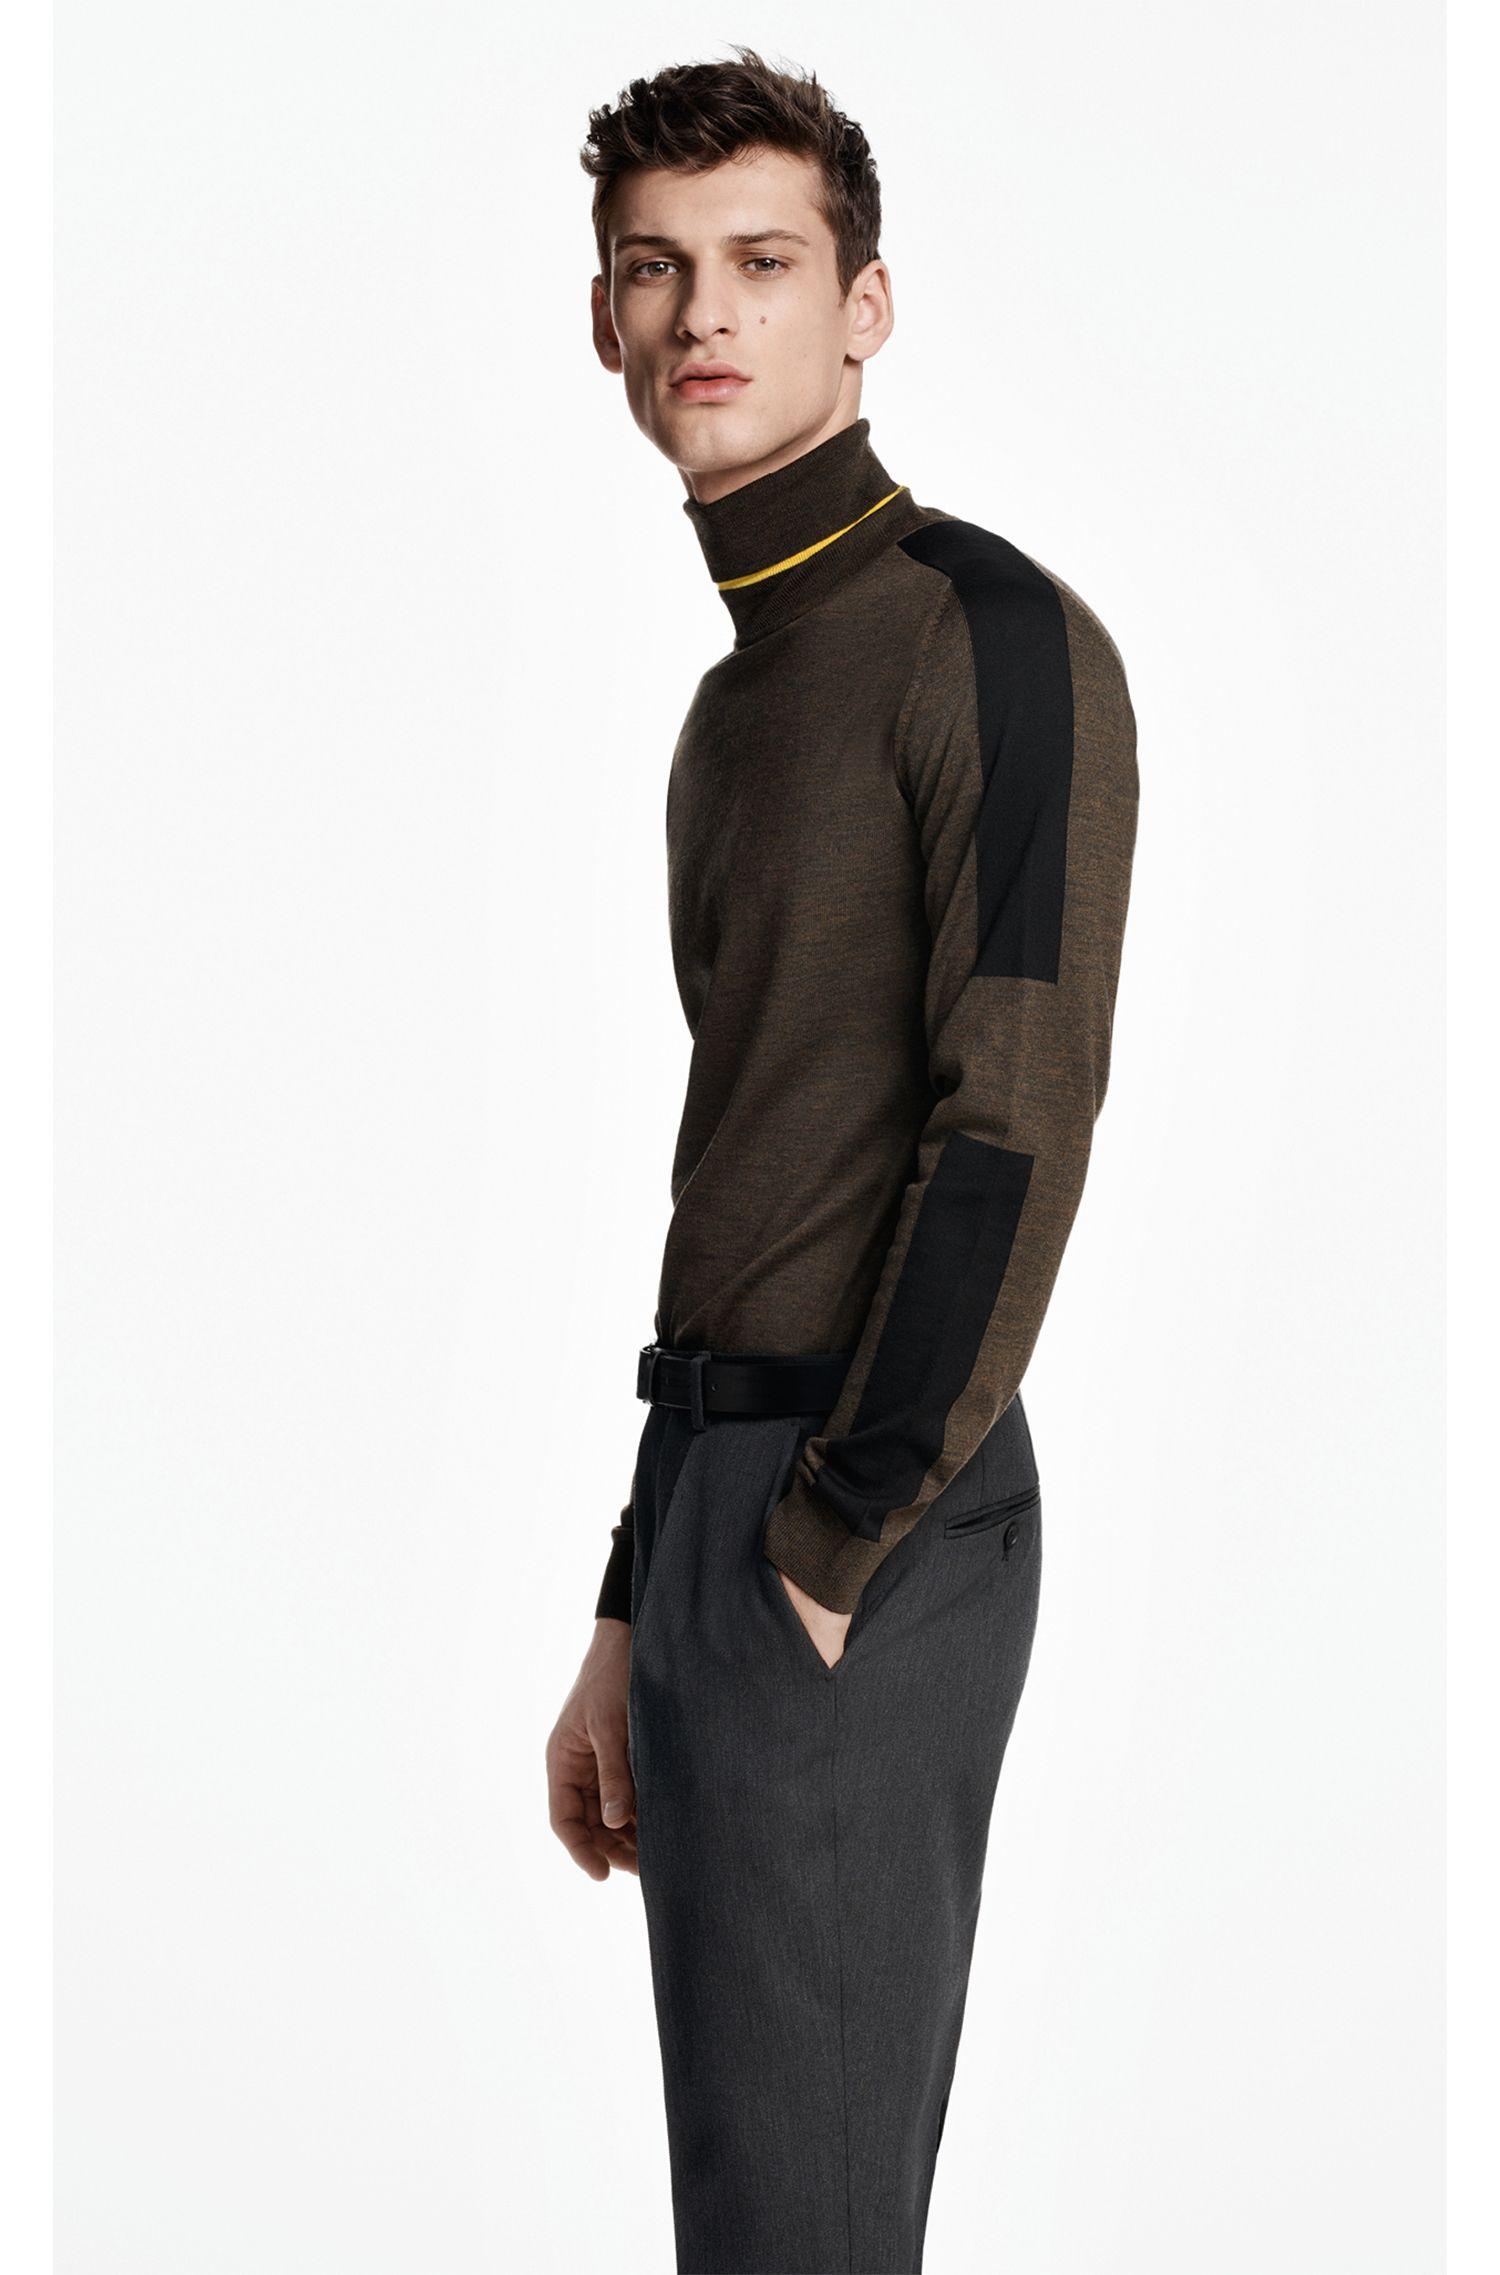 Maglione con colletto a tartaruga in lana merino a blocchi di colore realizzata in Italia, Calce